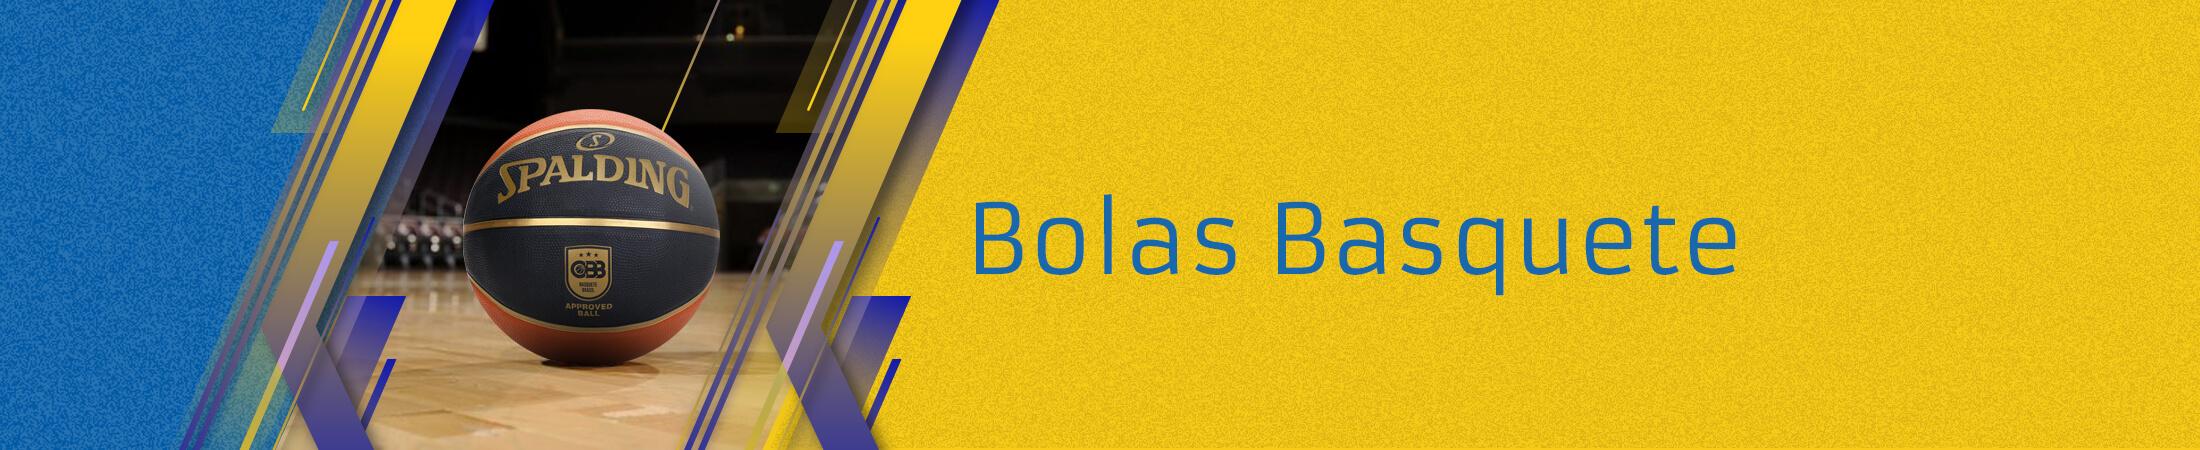 Subcategoria - Bolas Basquete